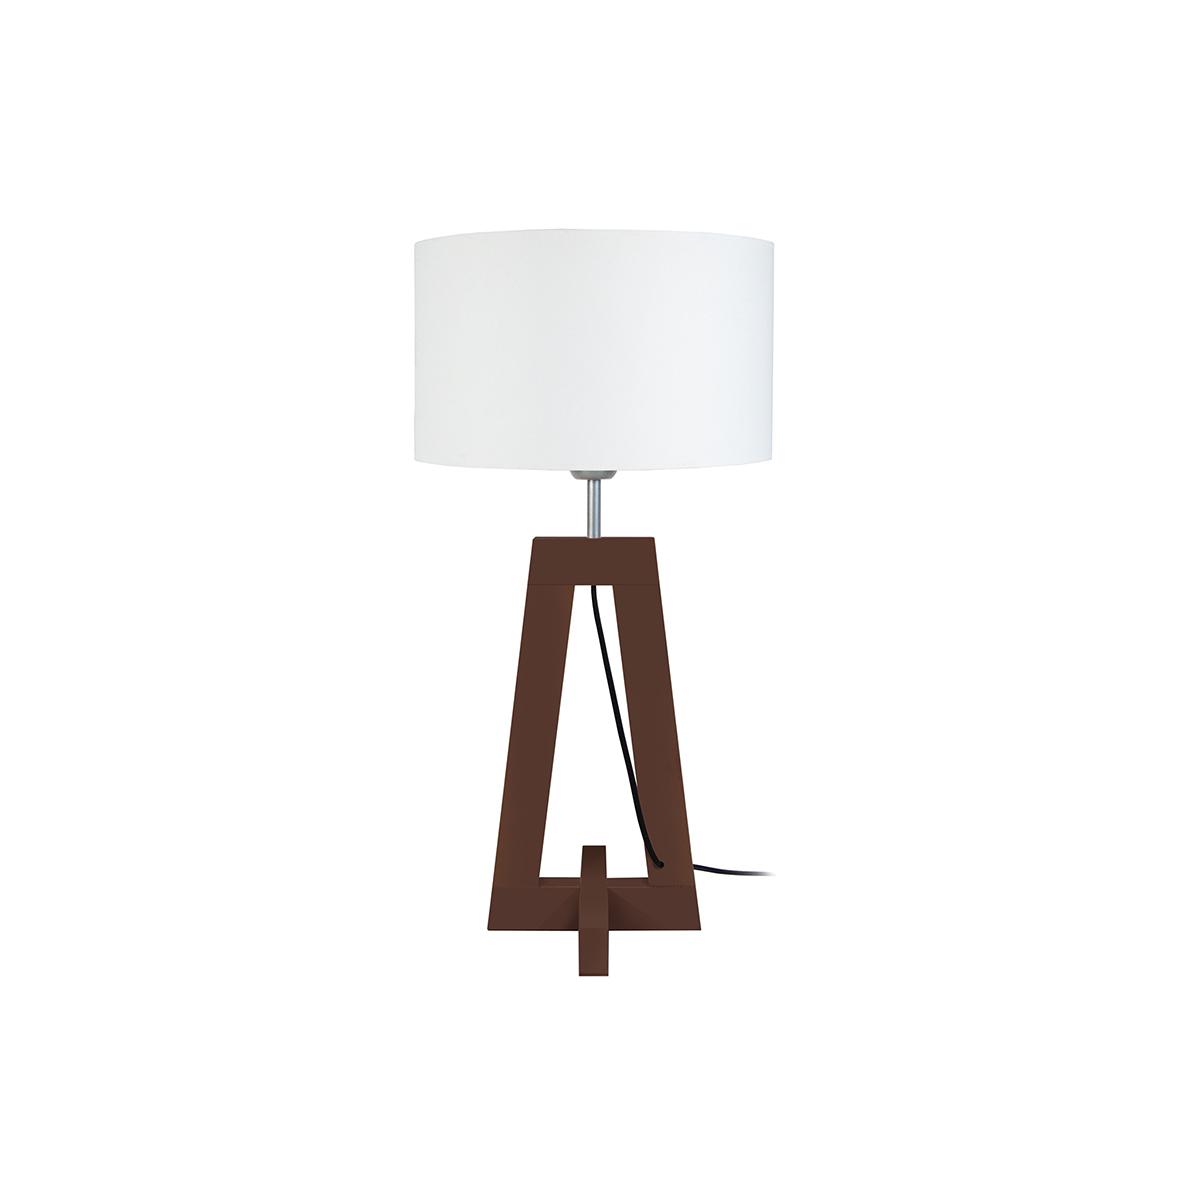 Lampada da tavolo design piede in legno scuro wengé MANON